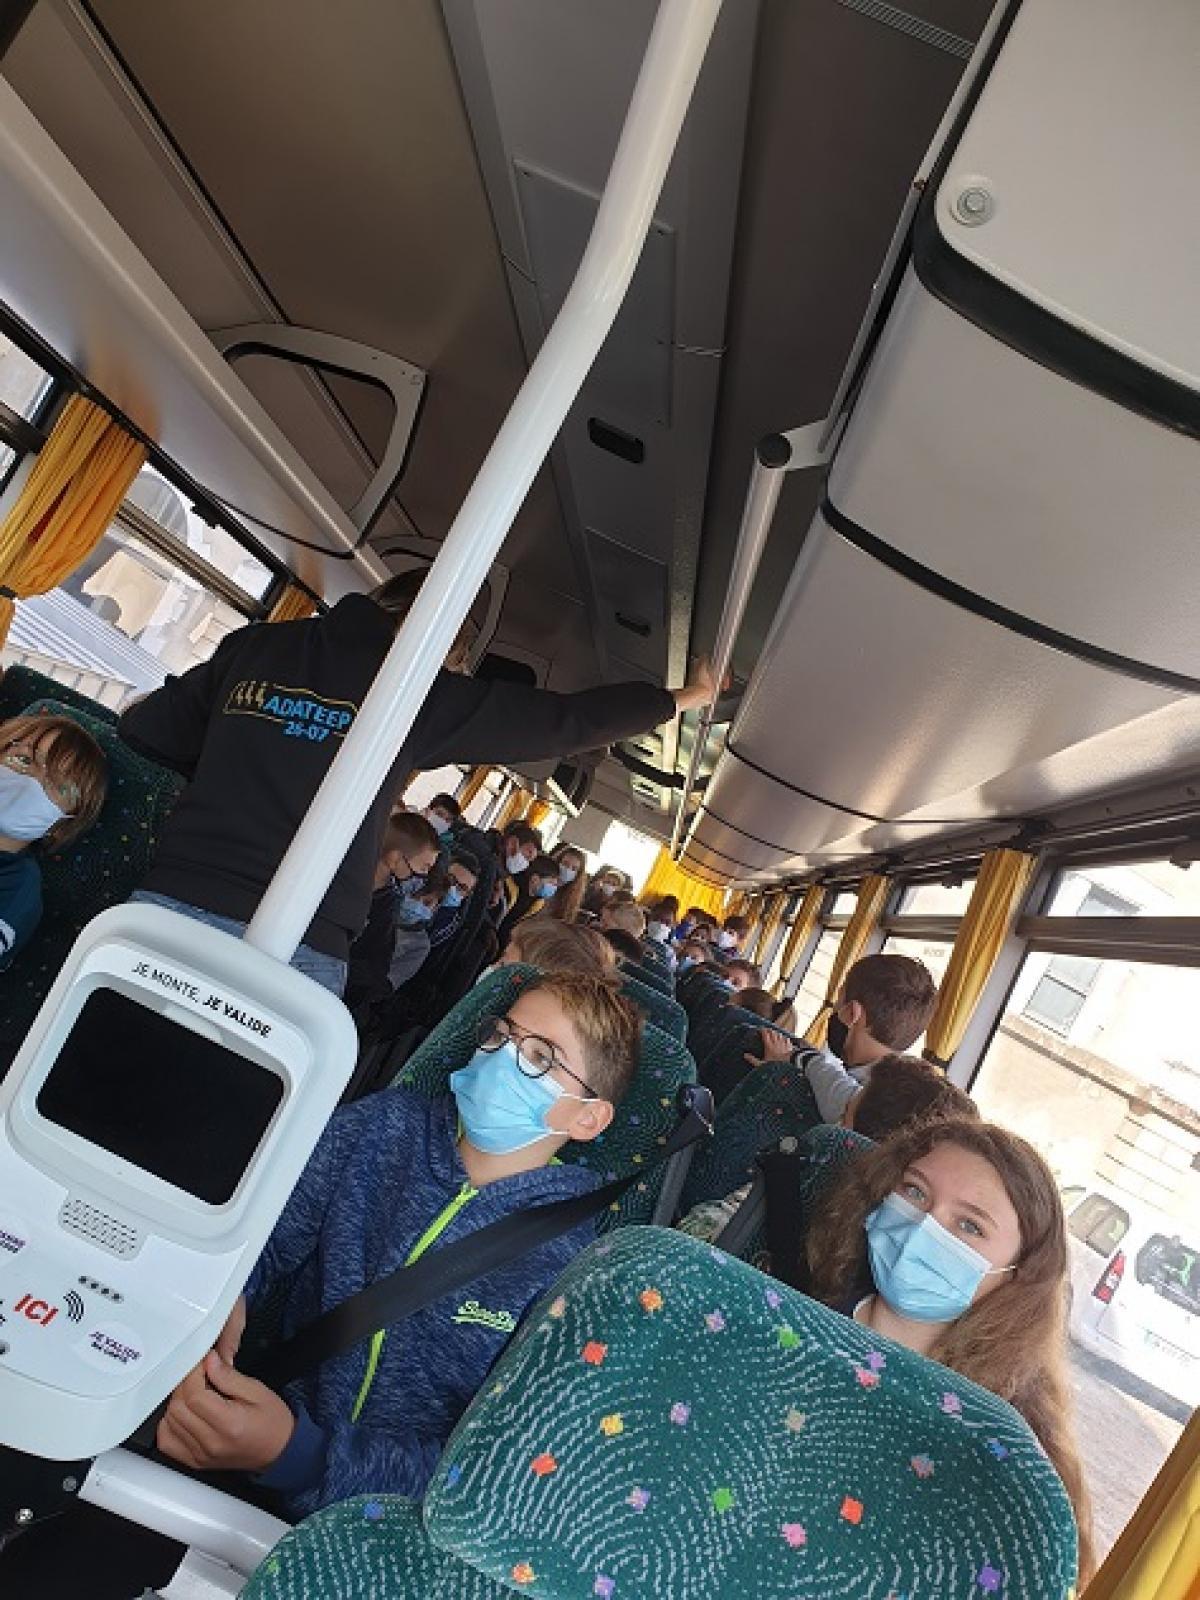 Visuel : Sensibilisation, prévention, sécurité dans les transports scolaires